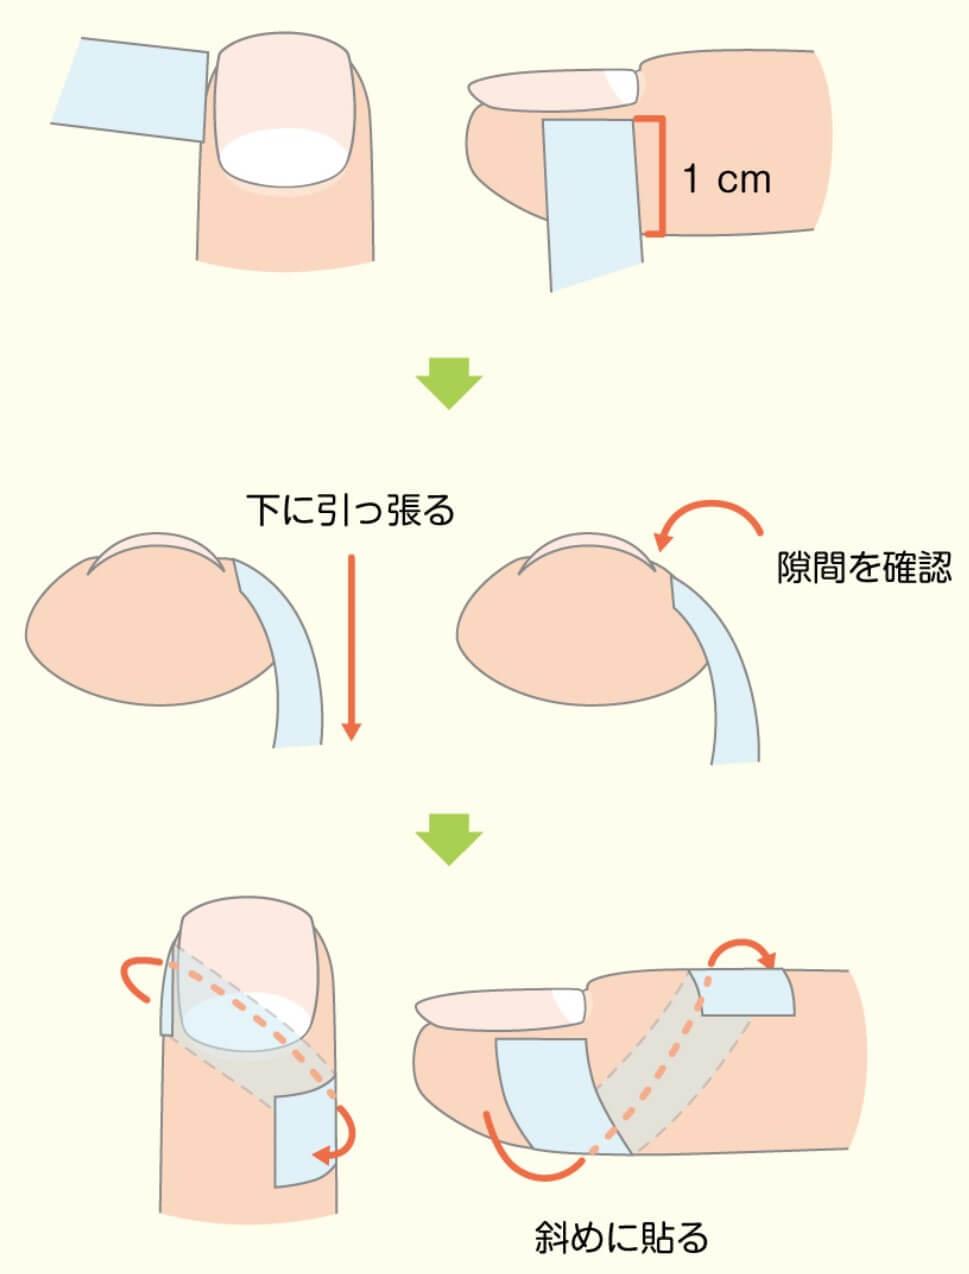 巻き爪の痛みをテーピングで和らげる方法